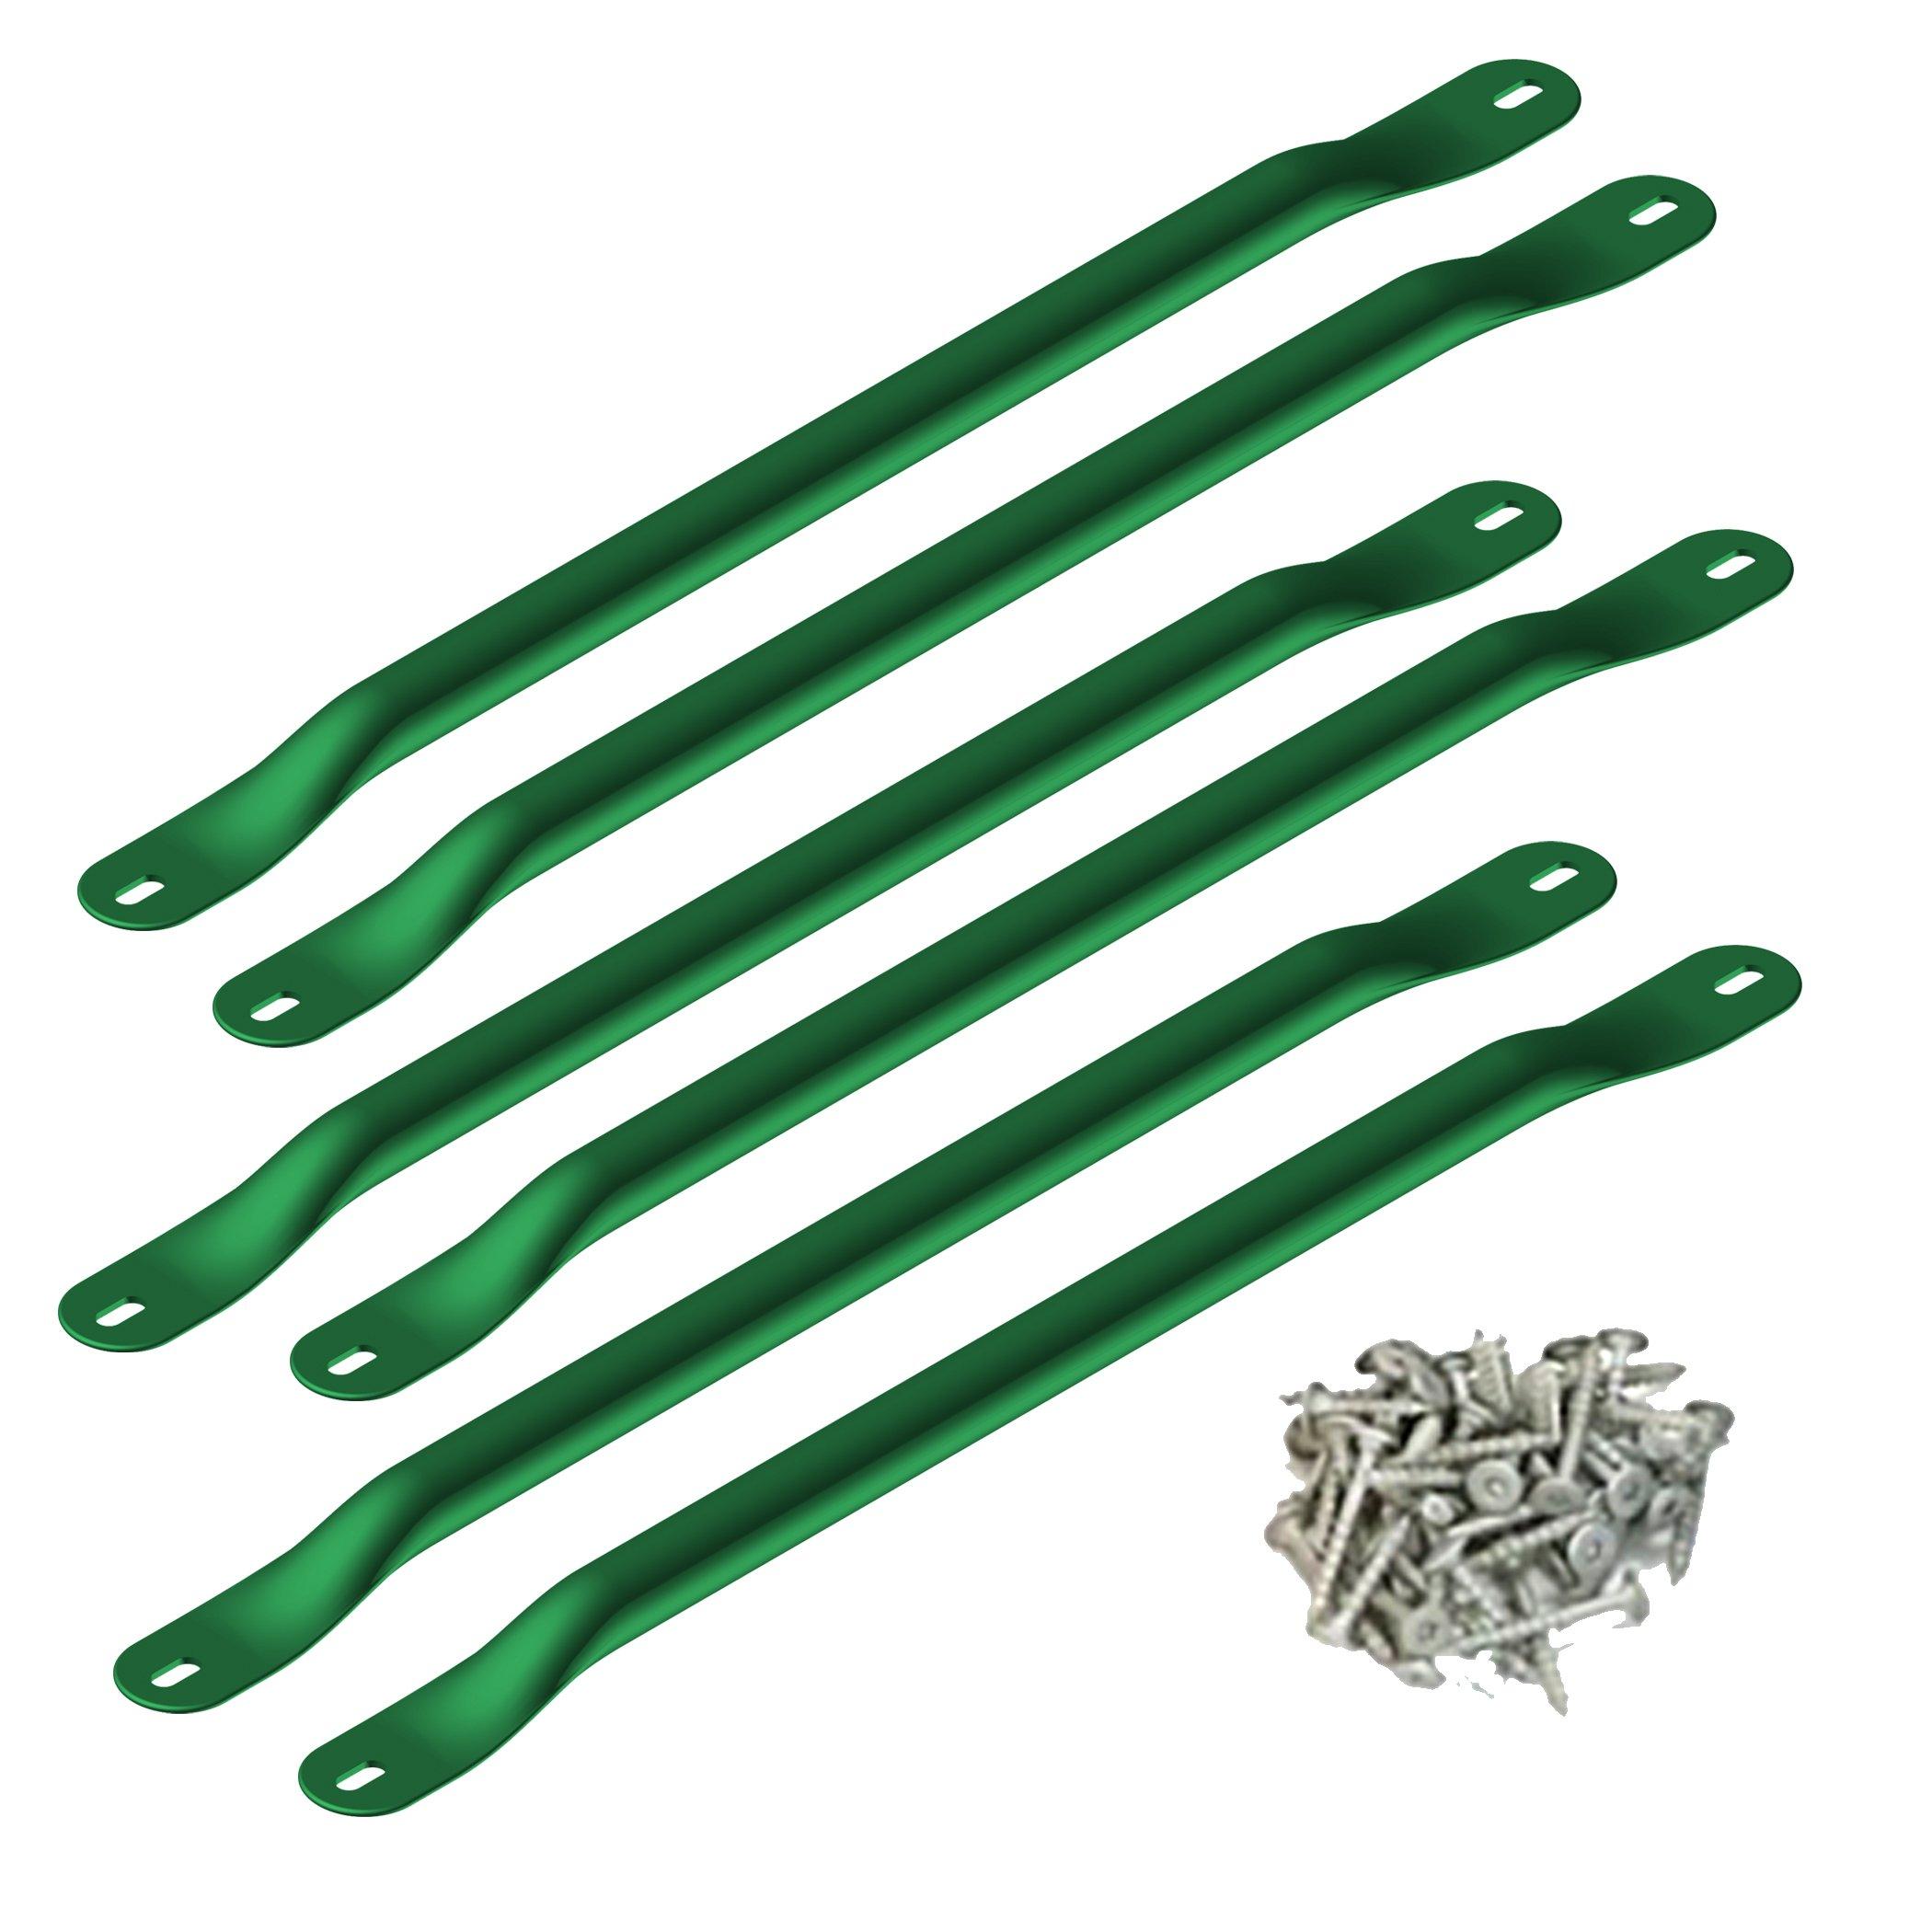 Swing-N-Slide WS 4564 Metal Monkey Bars with Six 21.5'' Metal Rungs with Hardware, Green by Swing-N-Slide